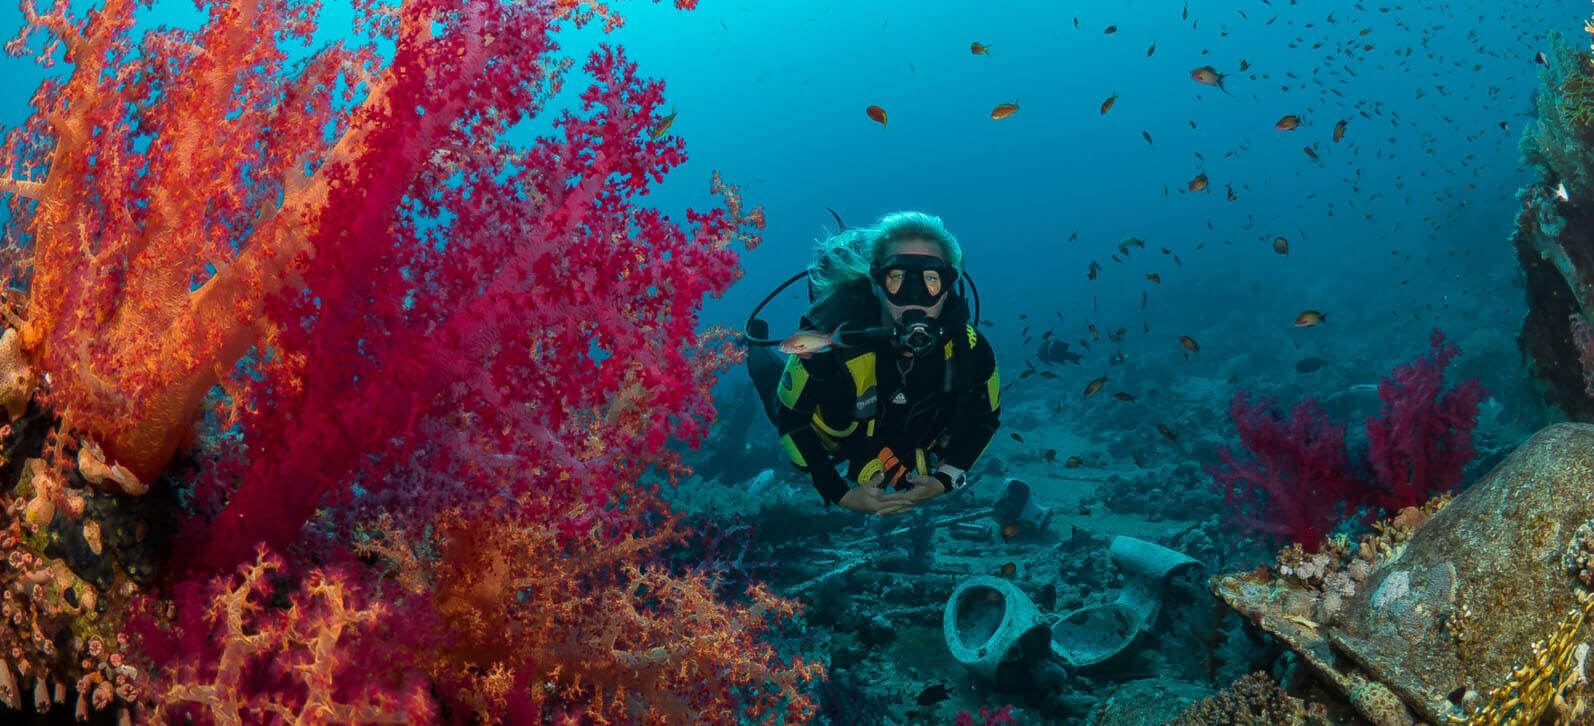 [November-Angebot] Camel Hotel + 5 days diving